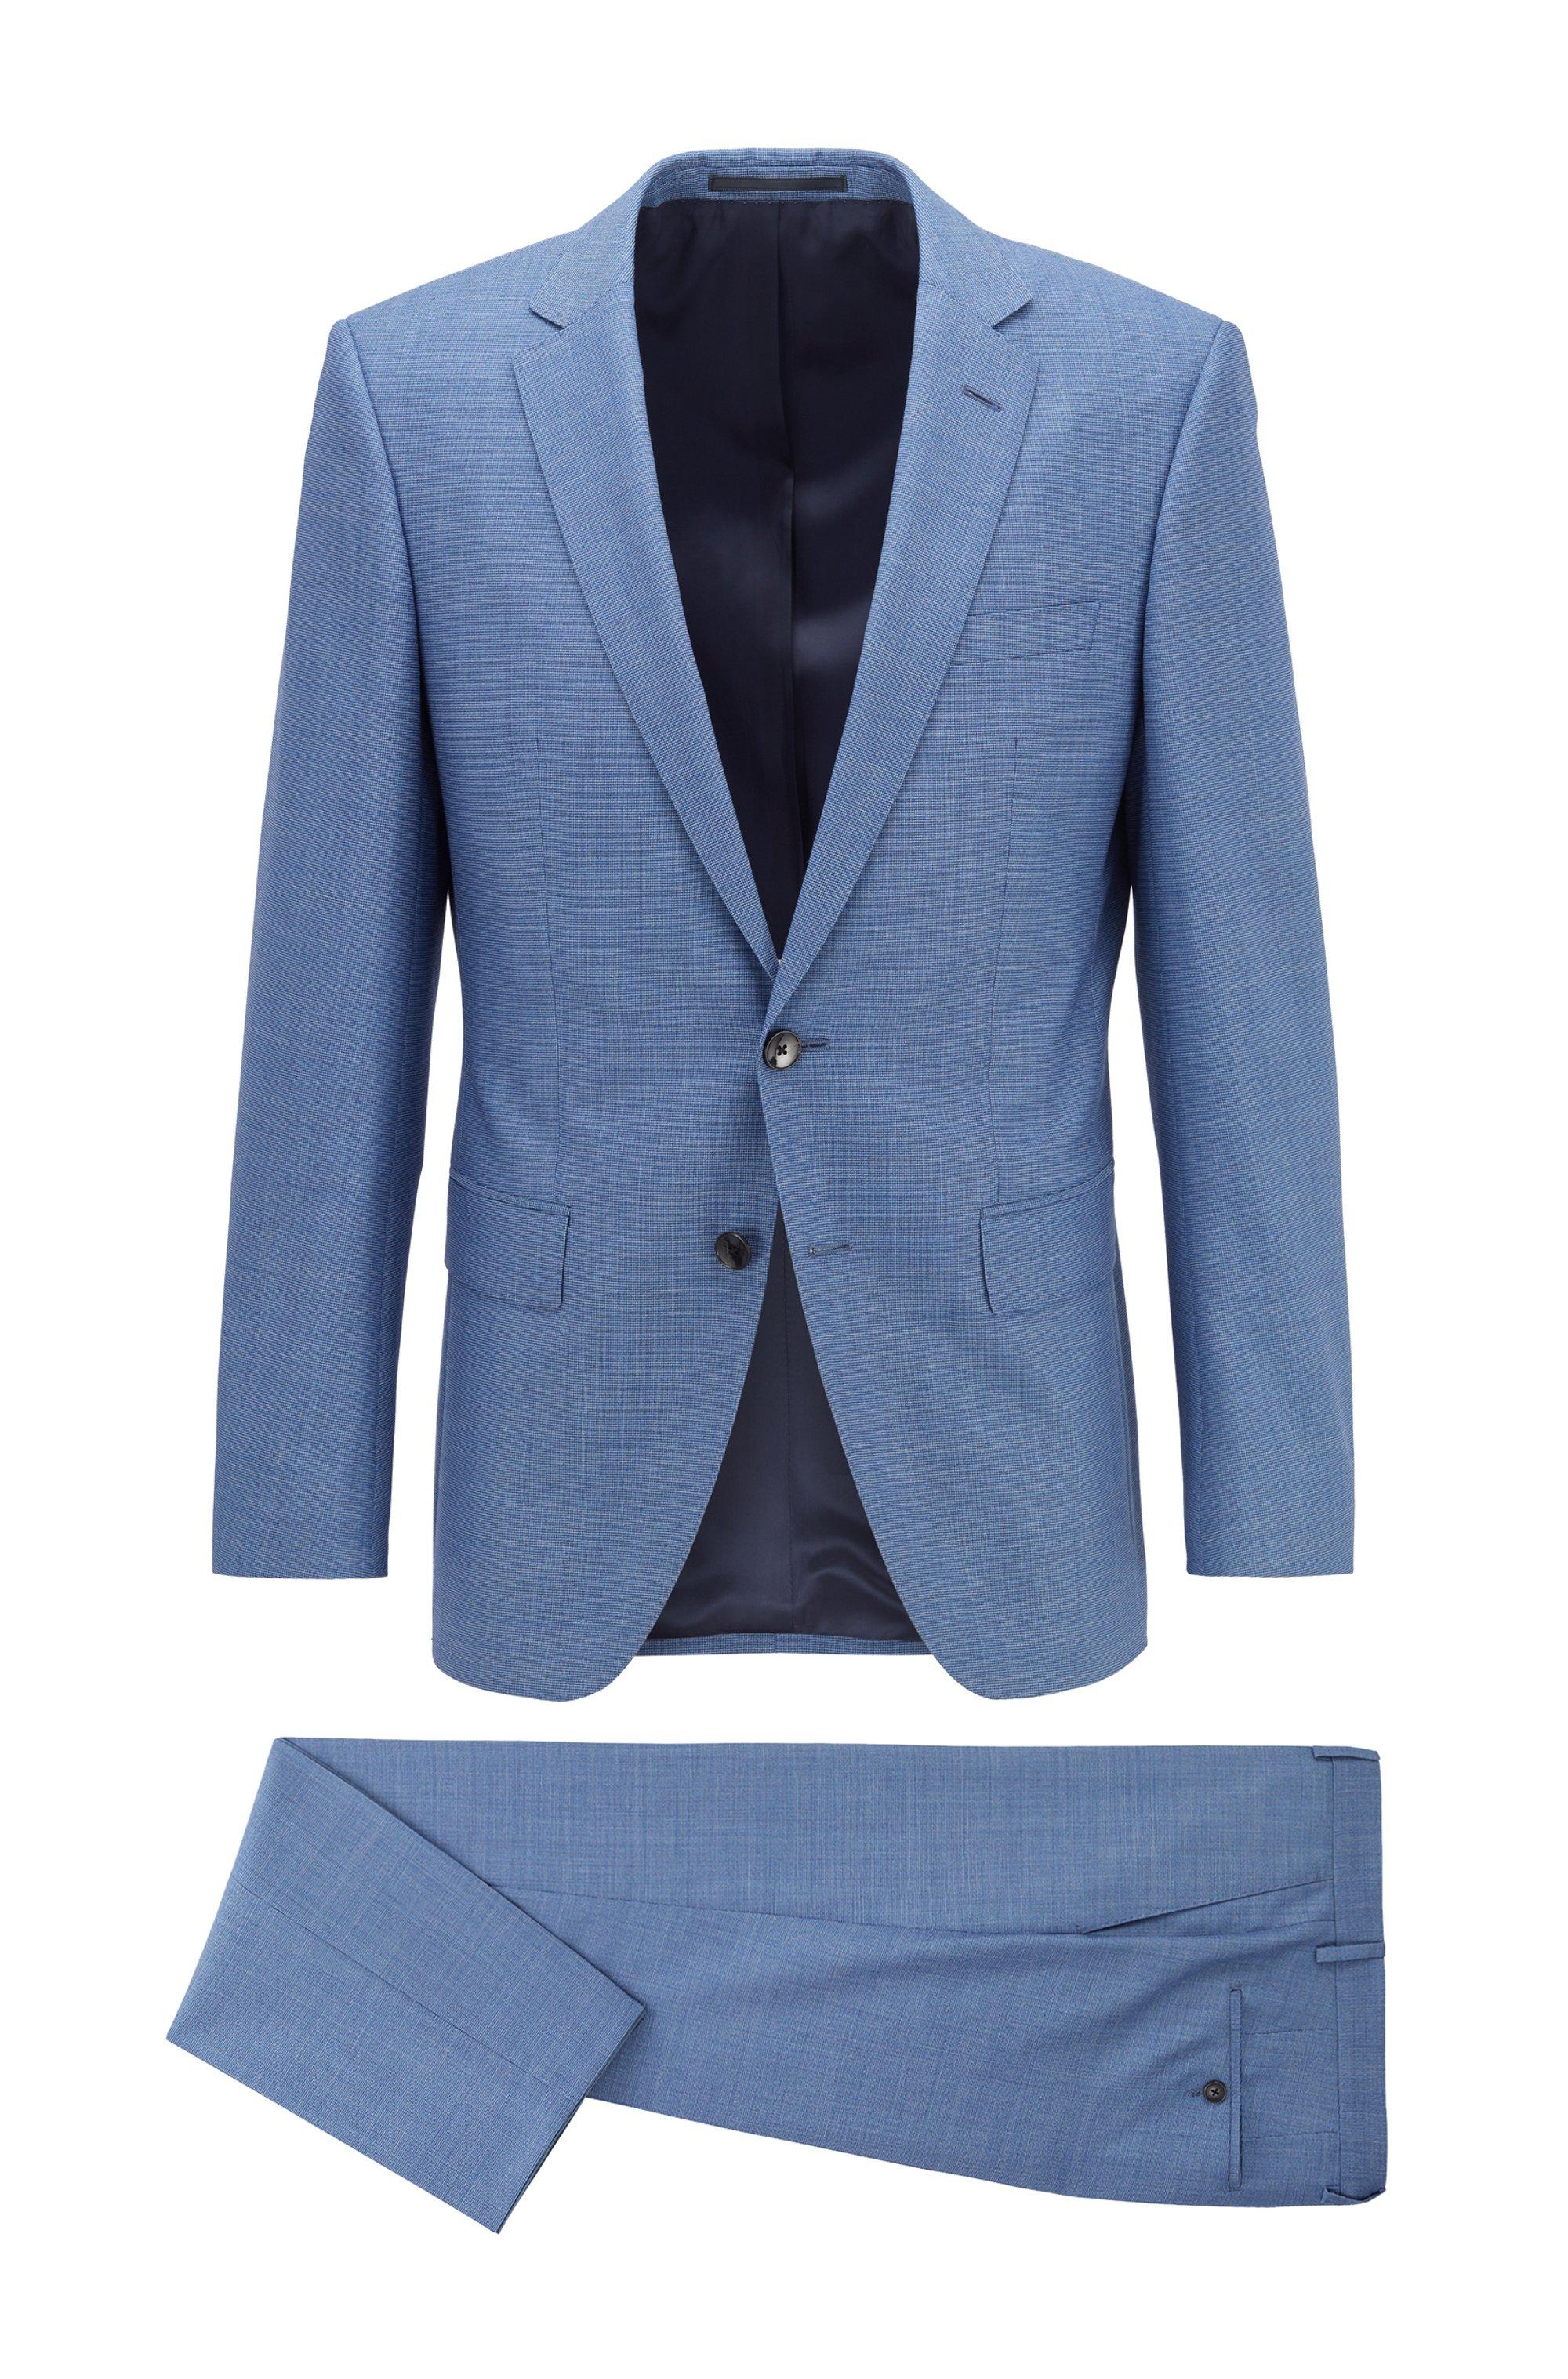 Costume Slim Fit en laine vierge à micromotif, Turquoise